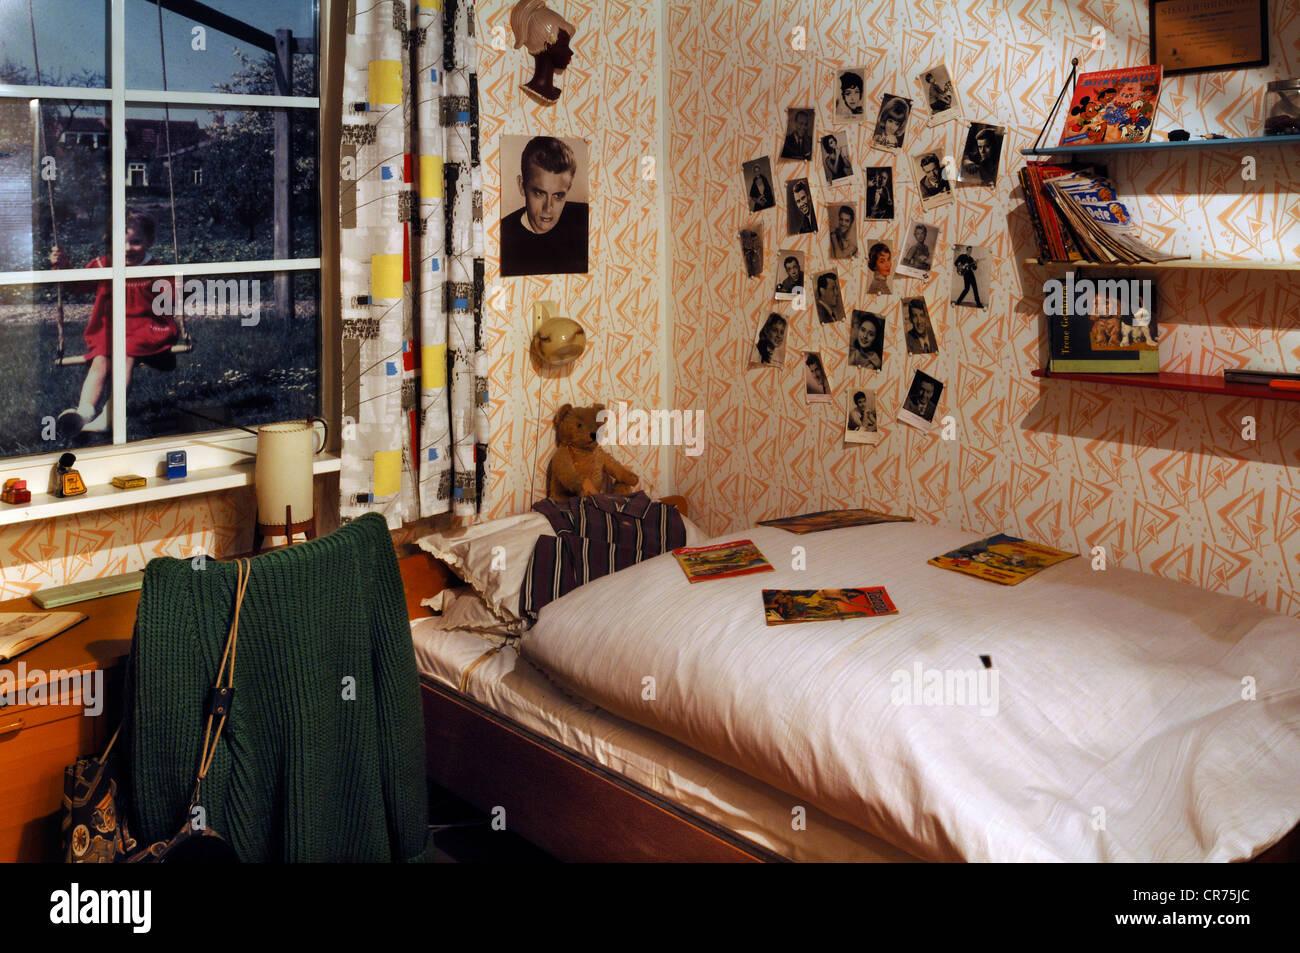 Camere Da Letto Giovani : Giovani camera da letto a partire dagli anni cinquanta anni